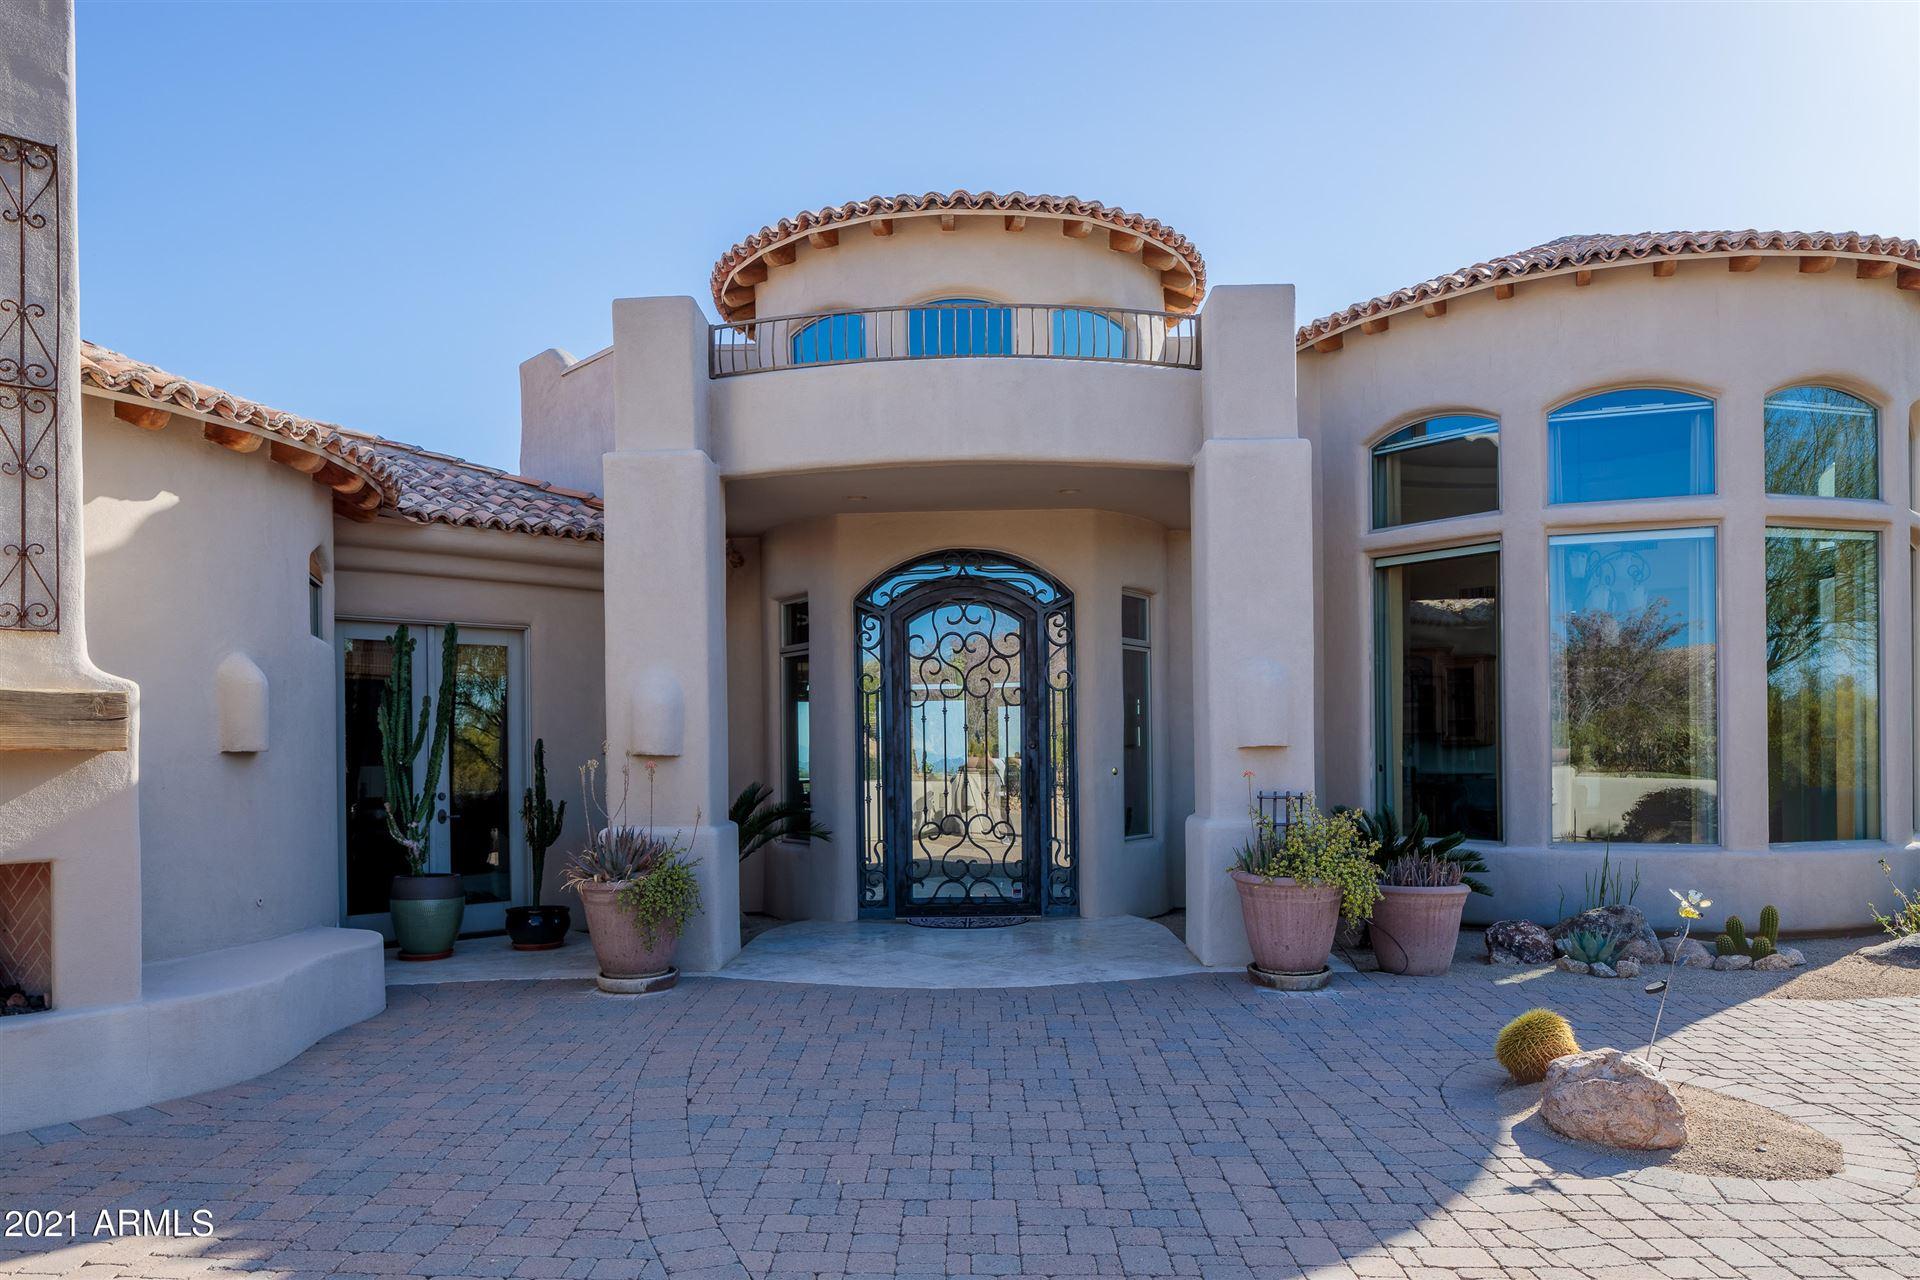 Photo of 9575 E RANCH GATE Road, Scottsdale, AZ 85255 (MLS # 6235820)